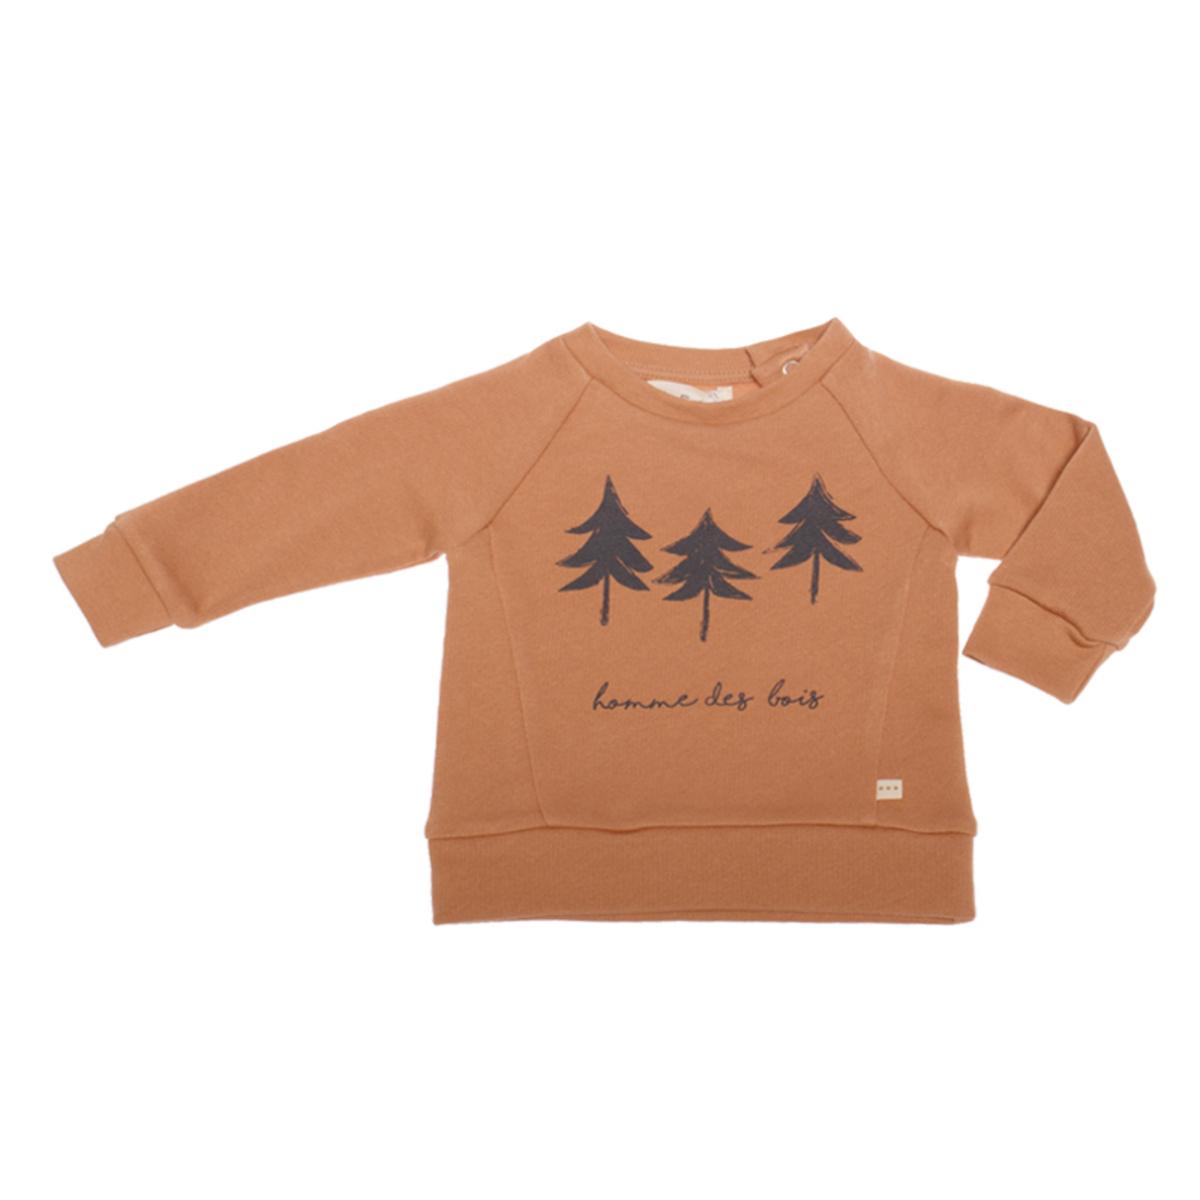 Haut bébé Sweatshirt Tristan Homme des Bois Cannelle - 18 Mois Sweatshirt Tristan Homme des Bois Cannelle - 18 Mois